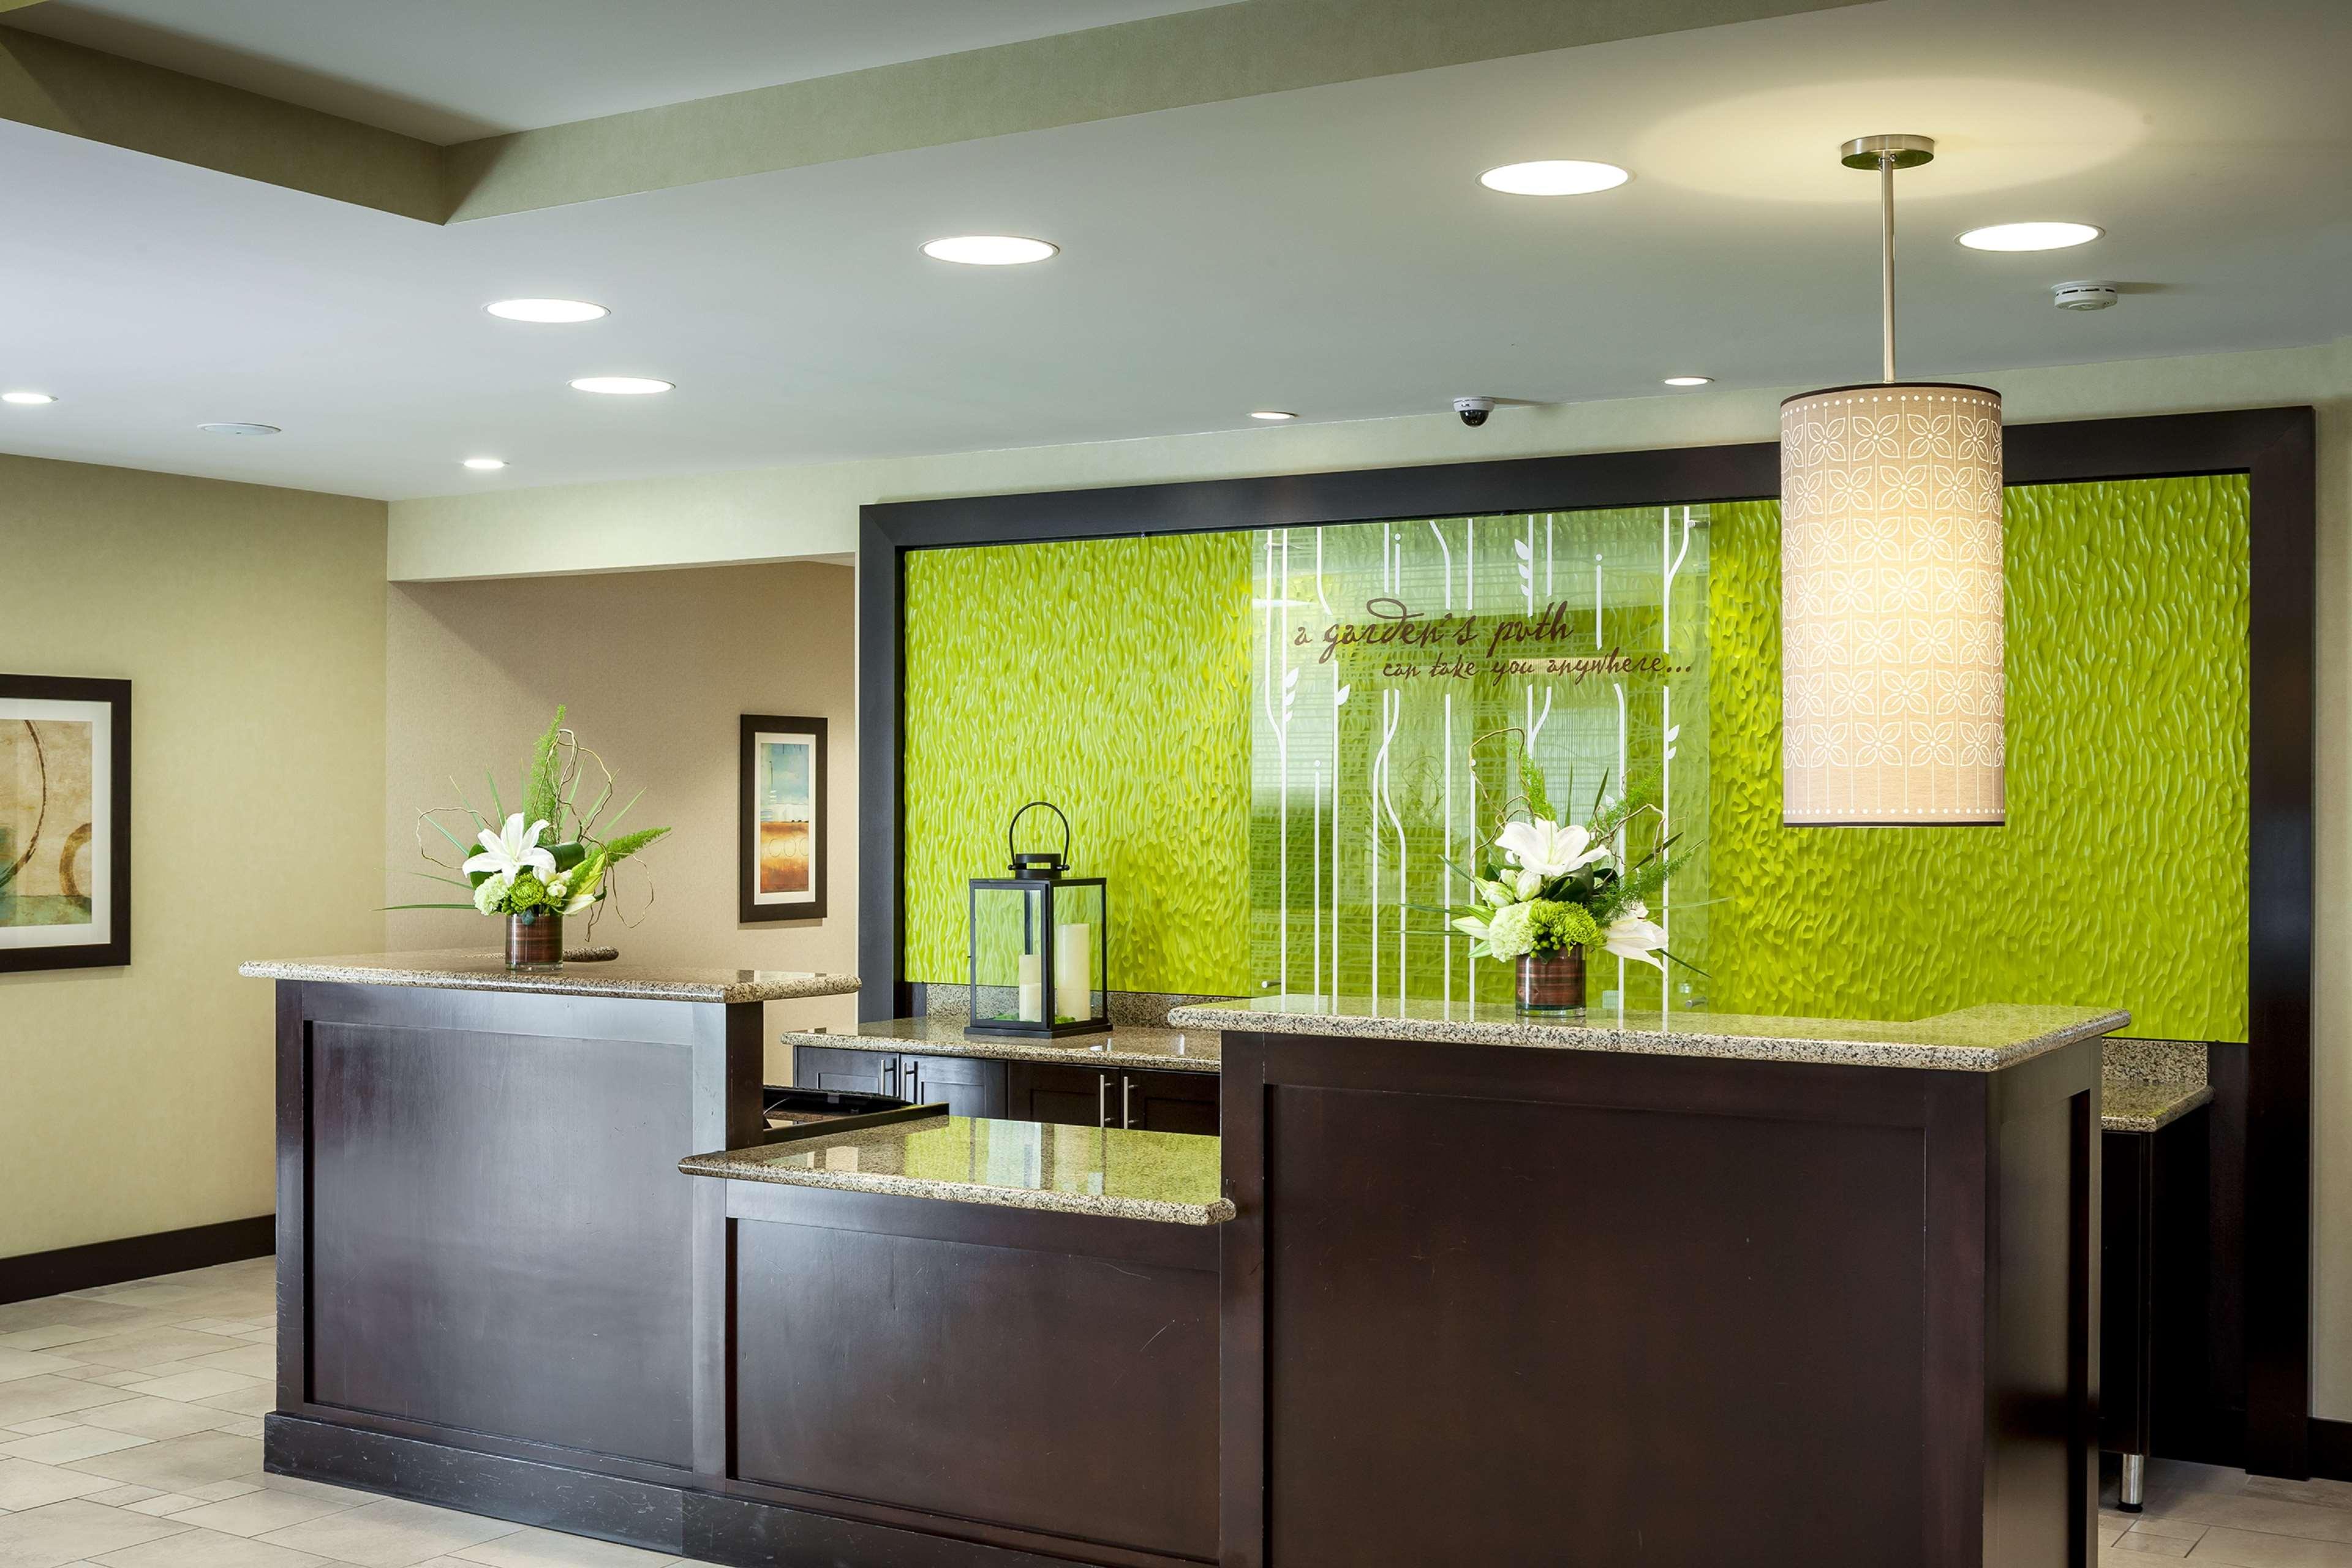 Hilton Garden Inn Seattle/Bothell, WA image 2